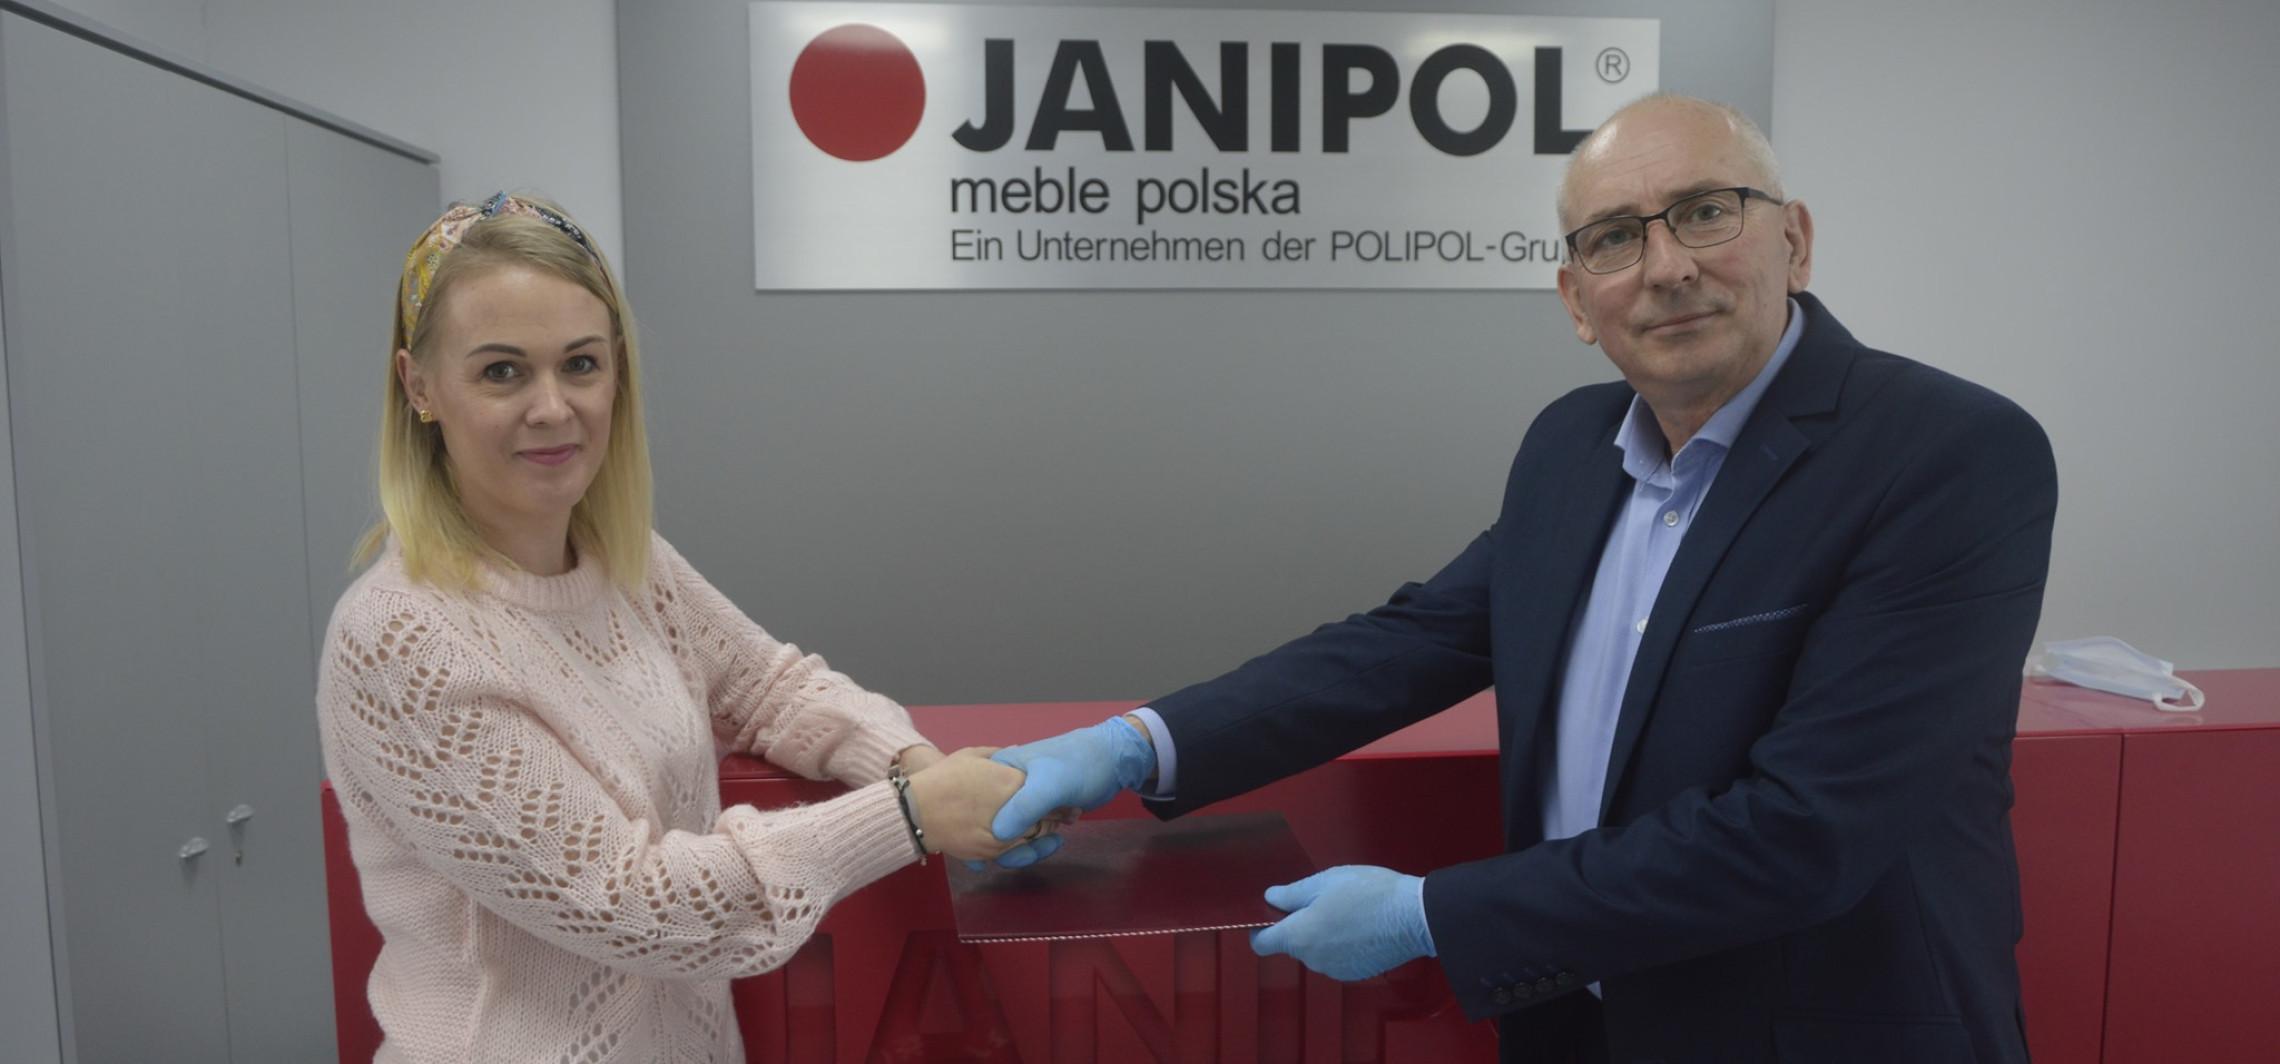 Inowrocław - Szkoła Rzemiosła zaczęła współpracę z Janipolem